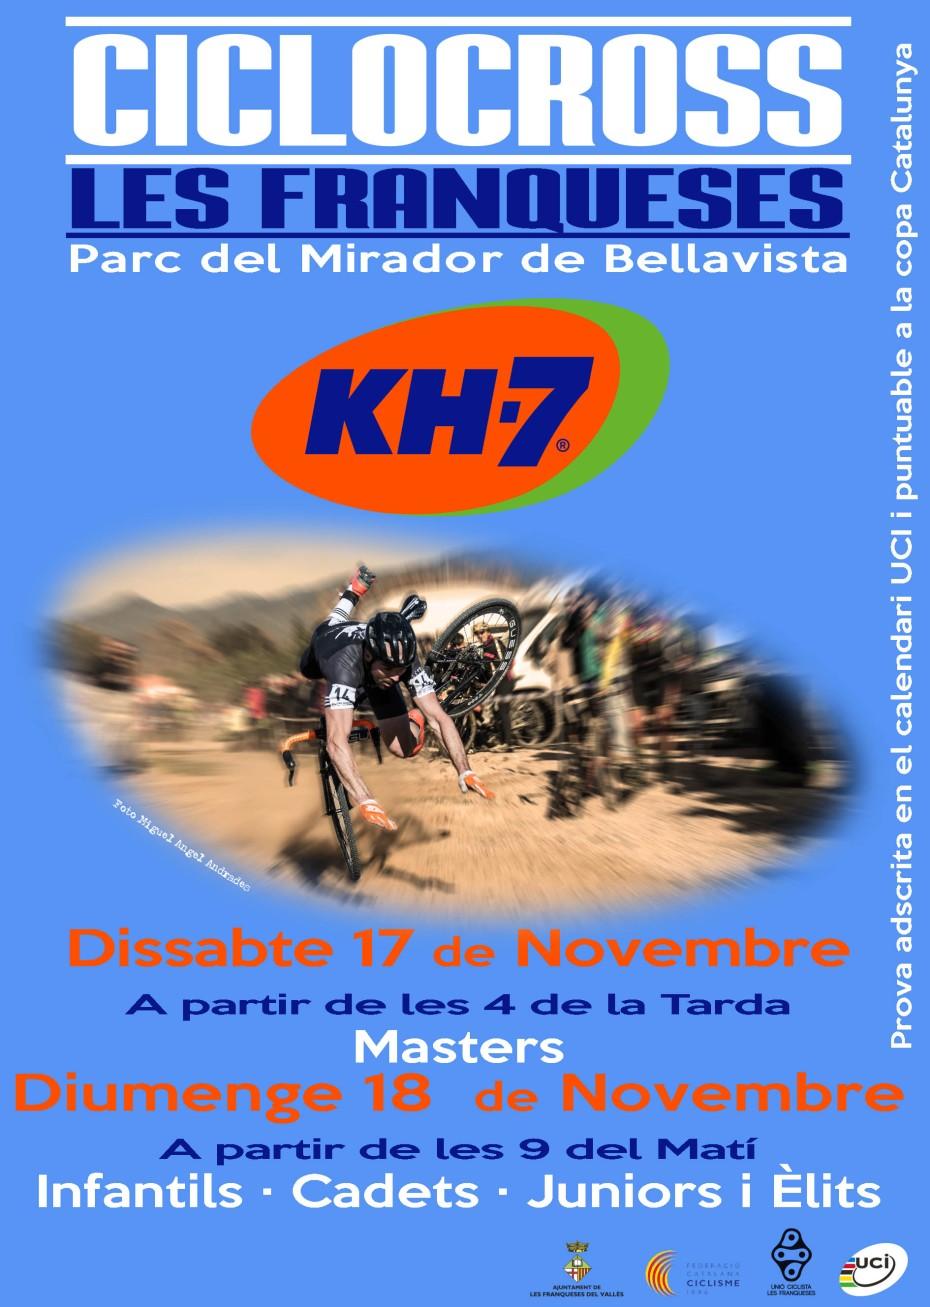 Poster GP Les Franqueses KH7 2018